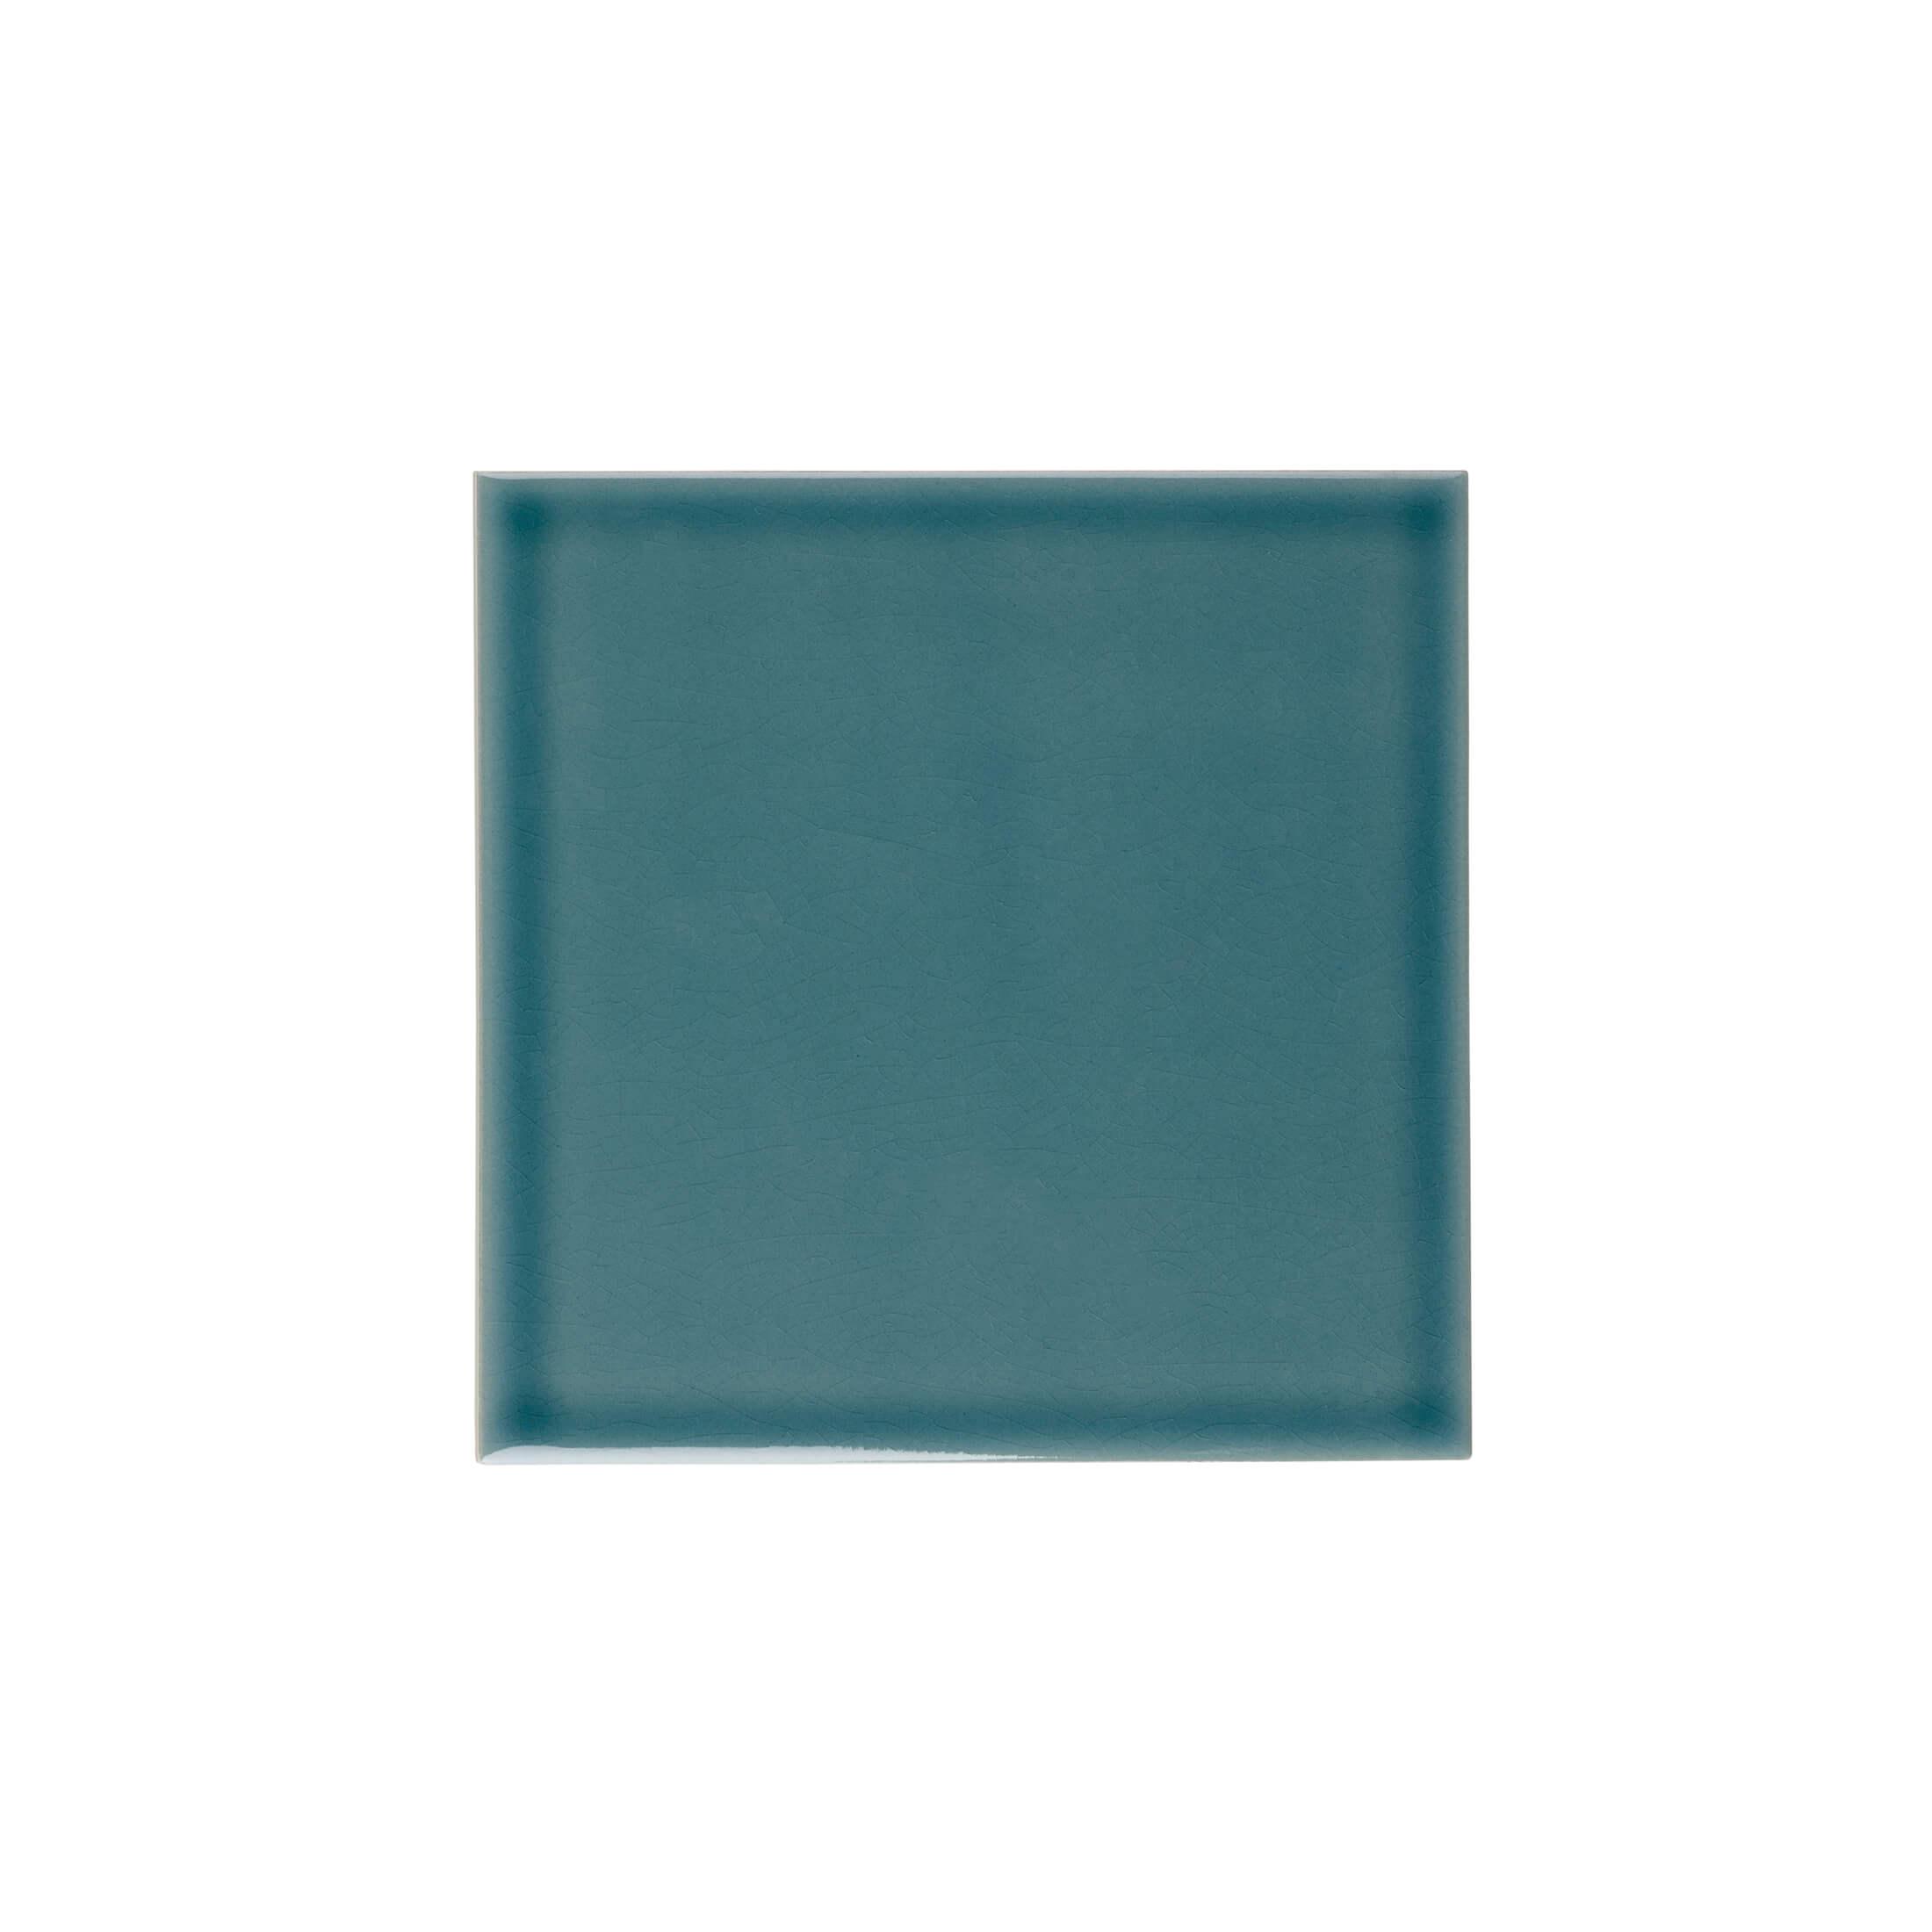 ADMO1017 - LISO PB C/C - 15 cm X 15 cm